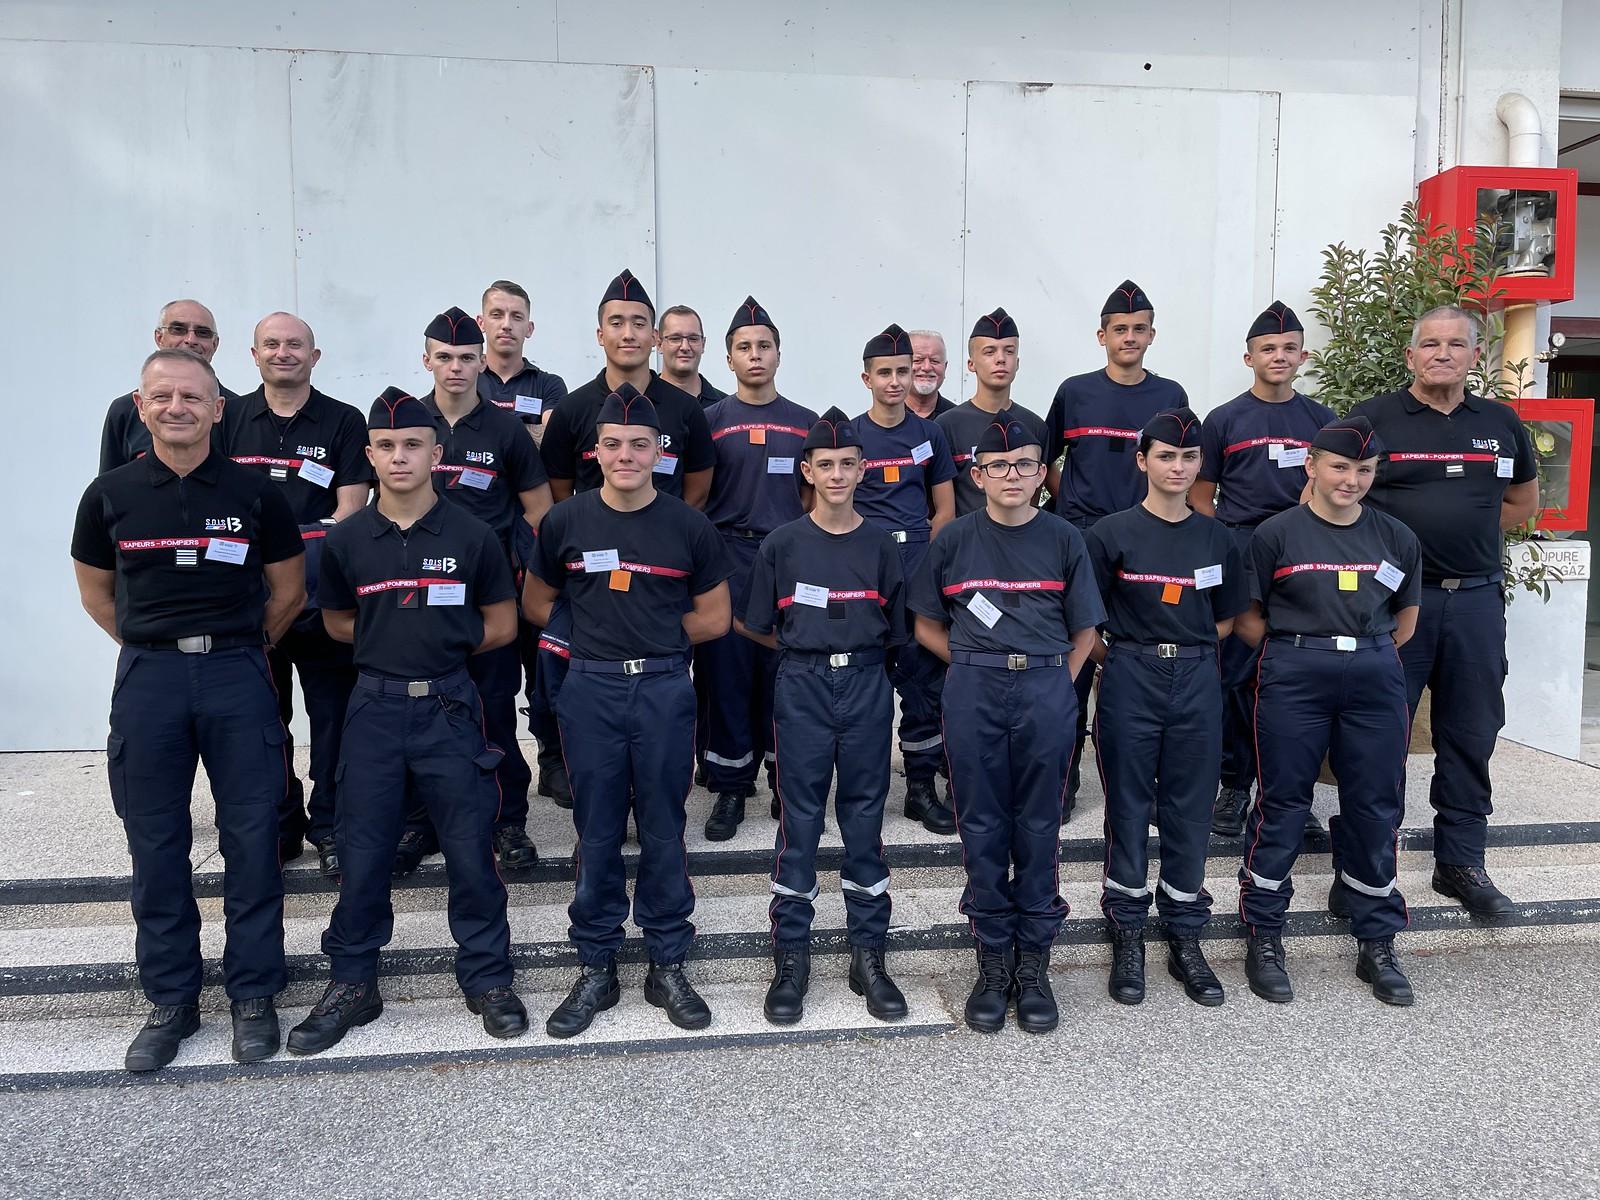 Jeunes sapeurs-pompiers : ils s'engagent pour l'environnement